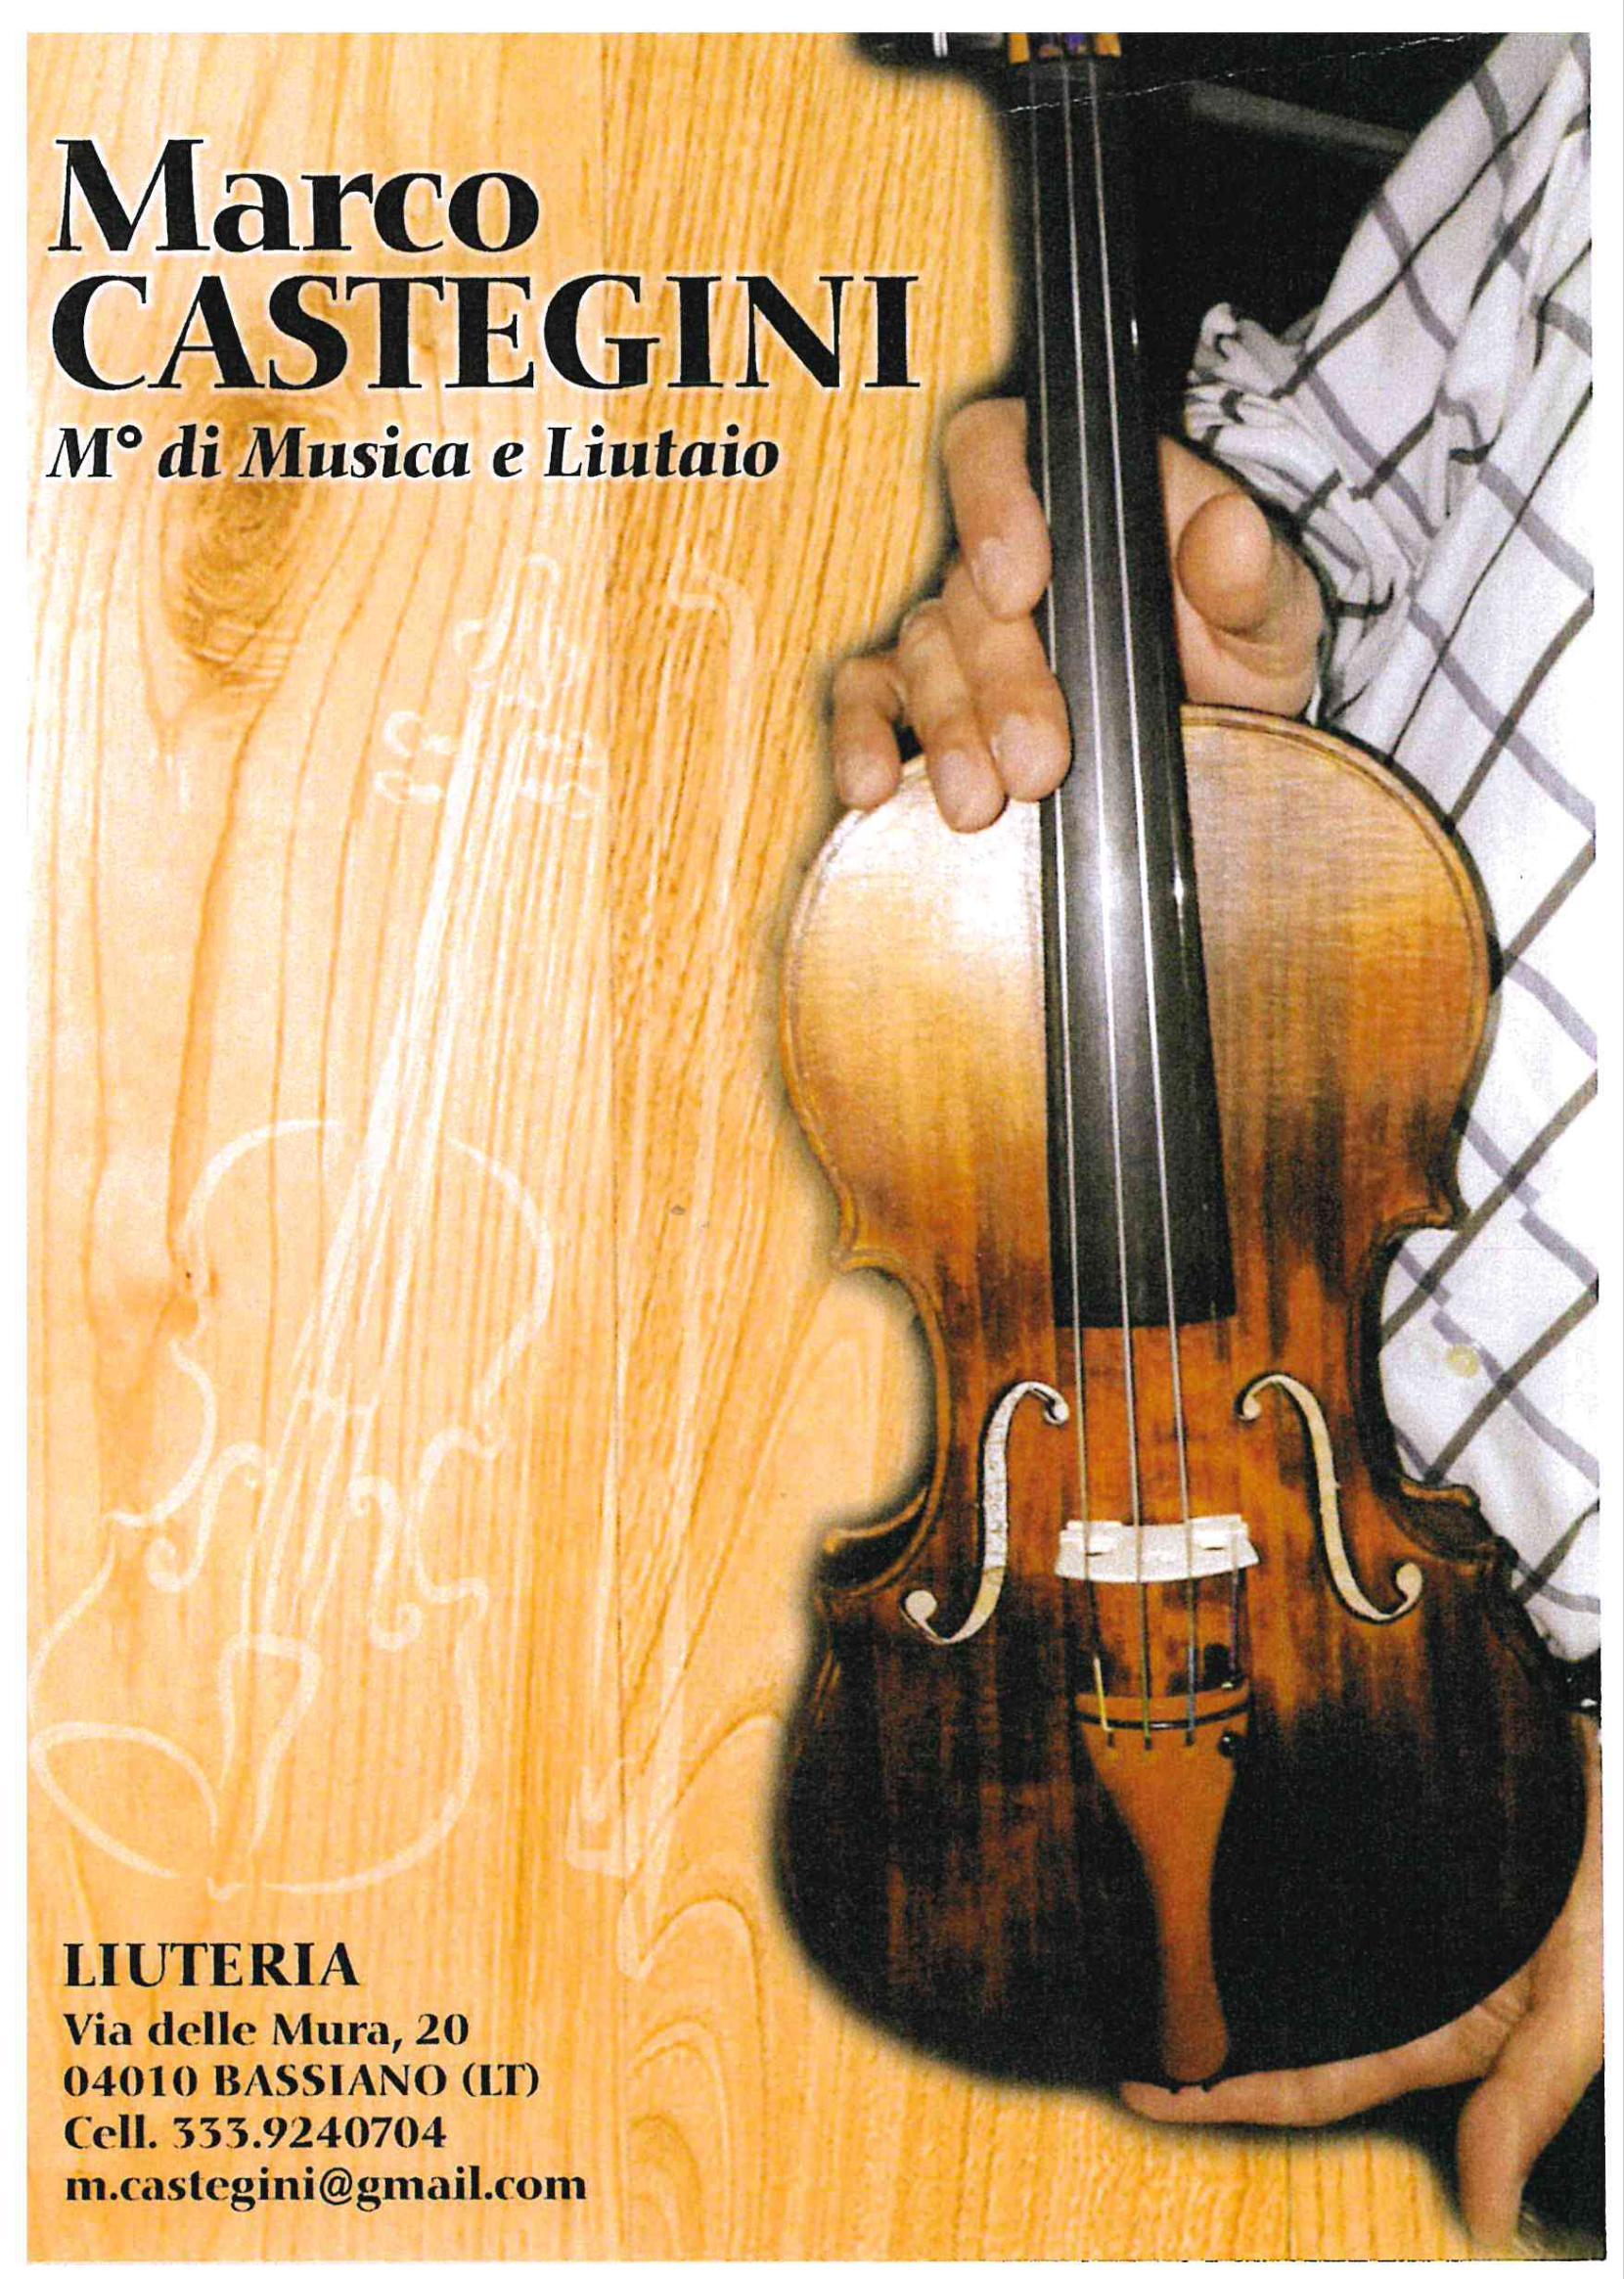 Domenica 22 settembre ore 16 Inaugurazione Liuteria del Maestro Marco Castegini Via delle Mura n.20